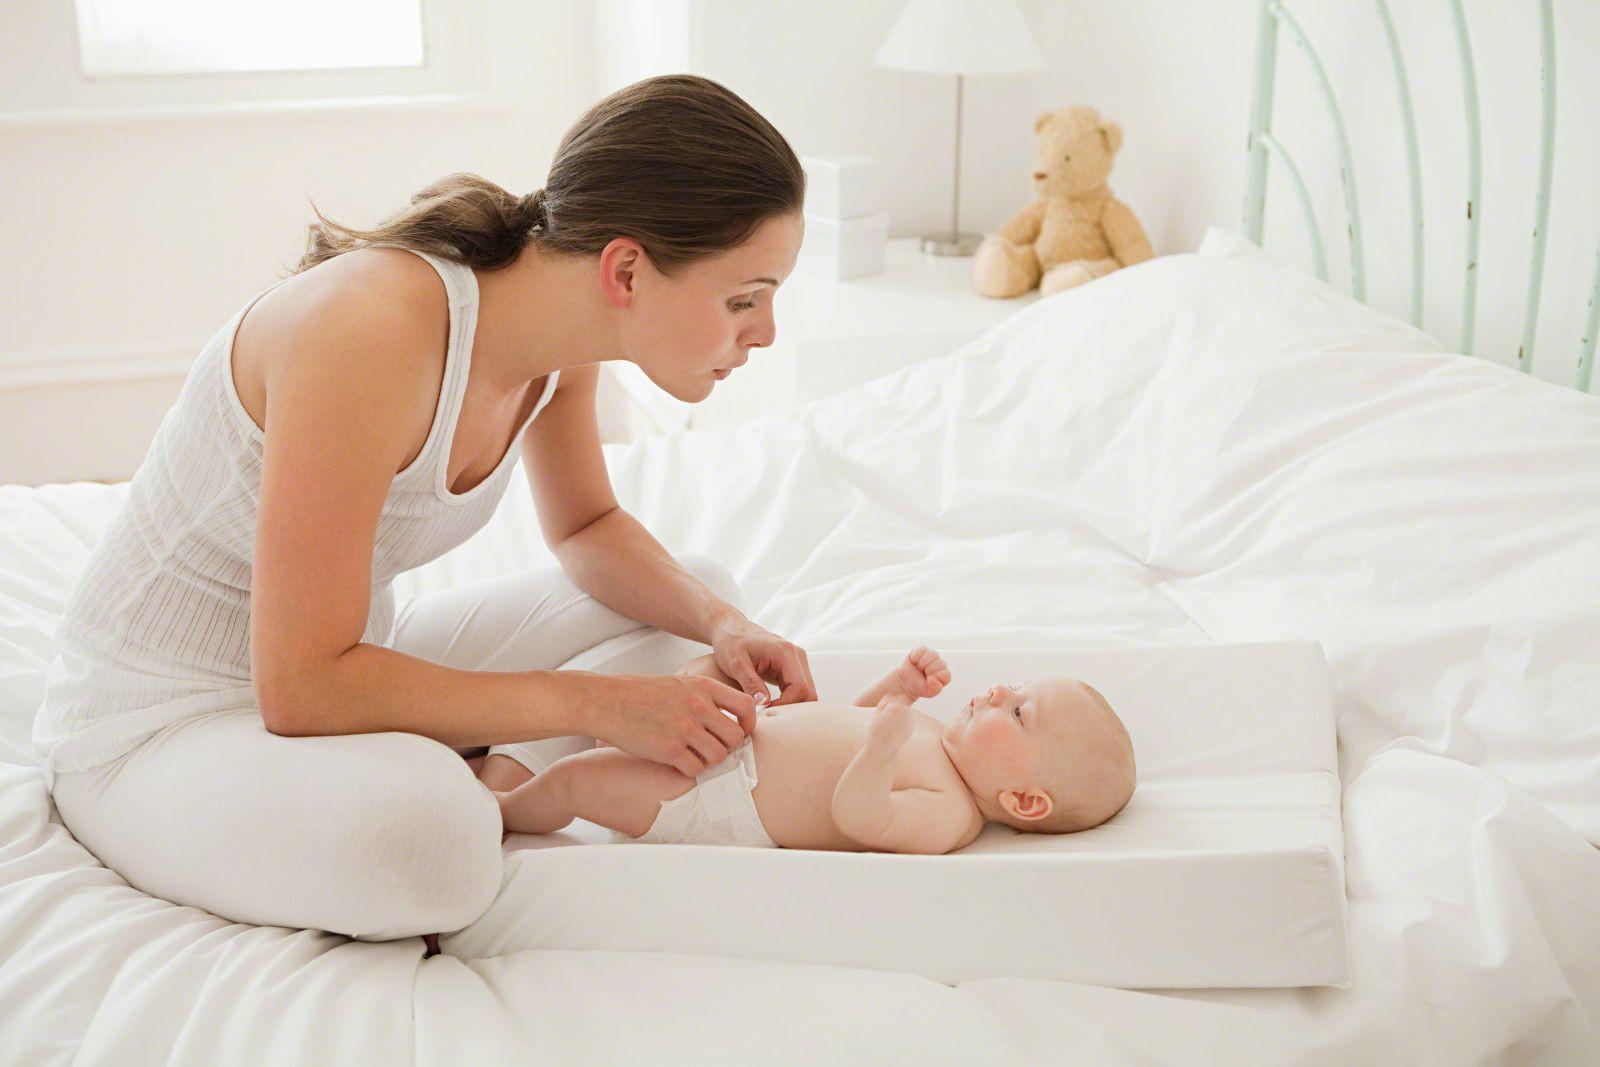 Làm thế nào để chăm sóc da cho trẻ sơ sinh từ 0 đến 6 tháng tuổi?